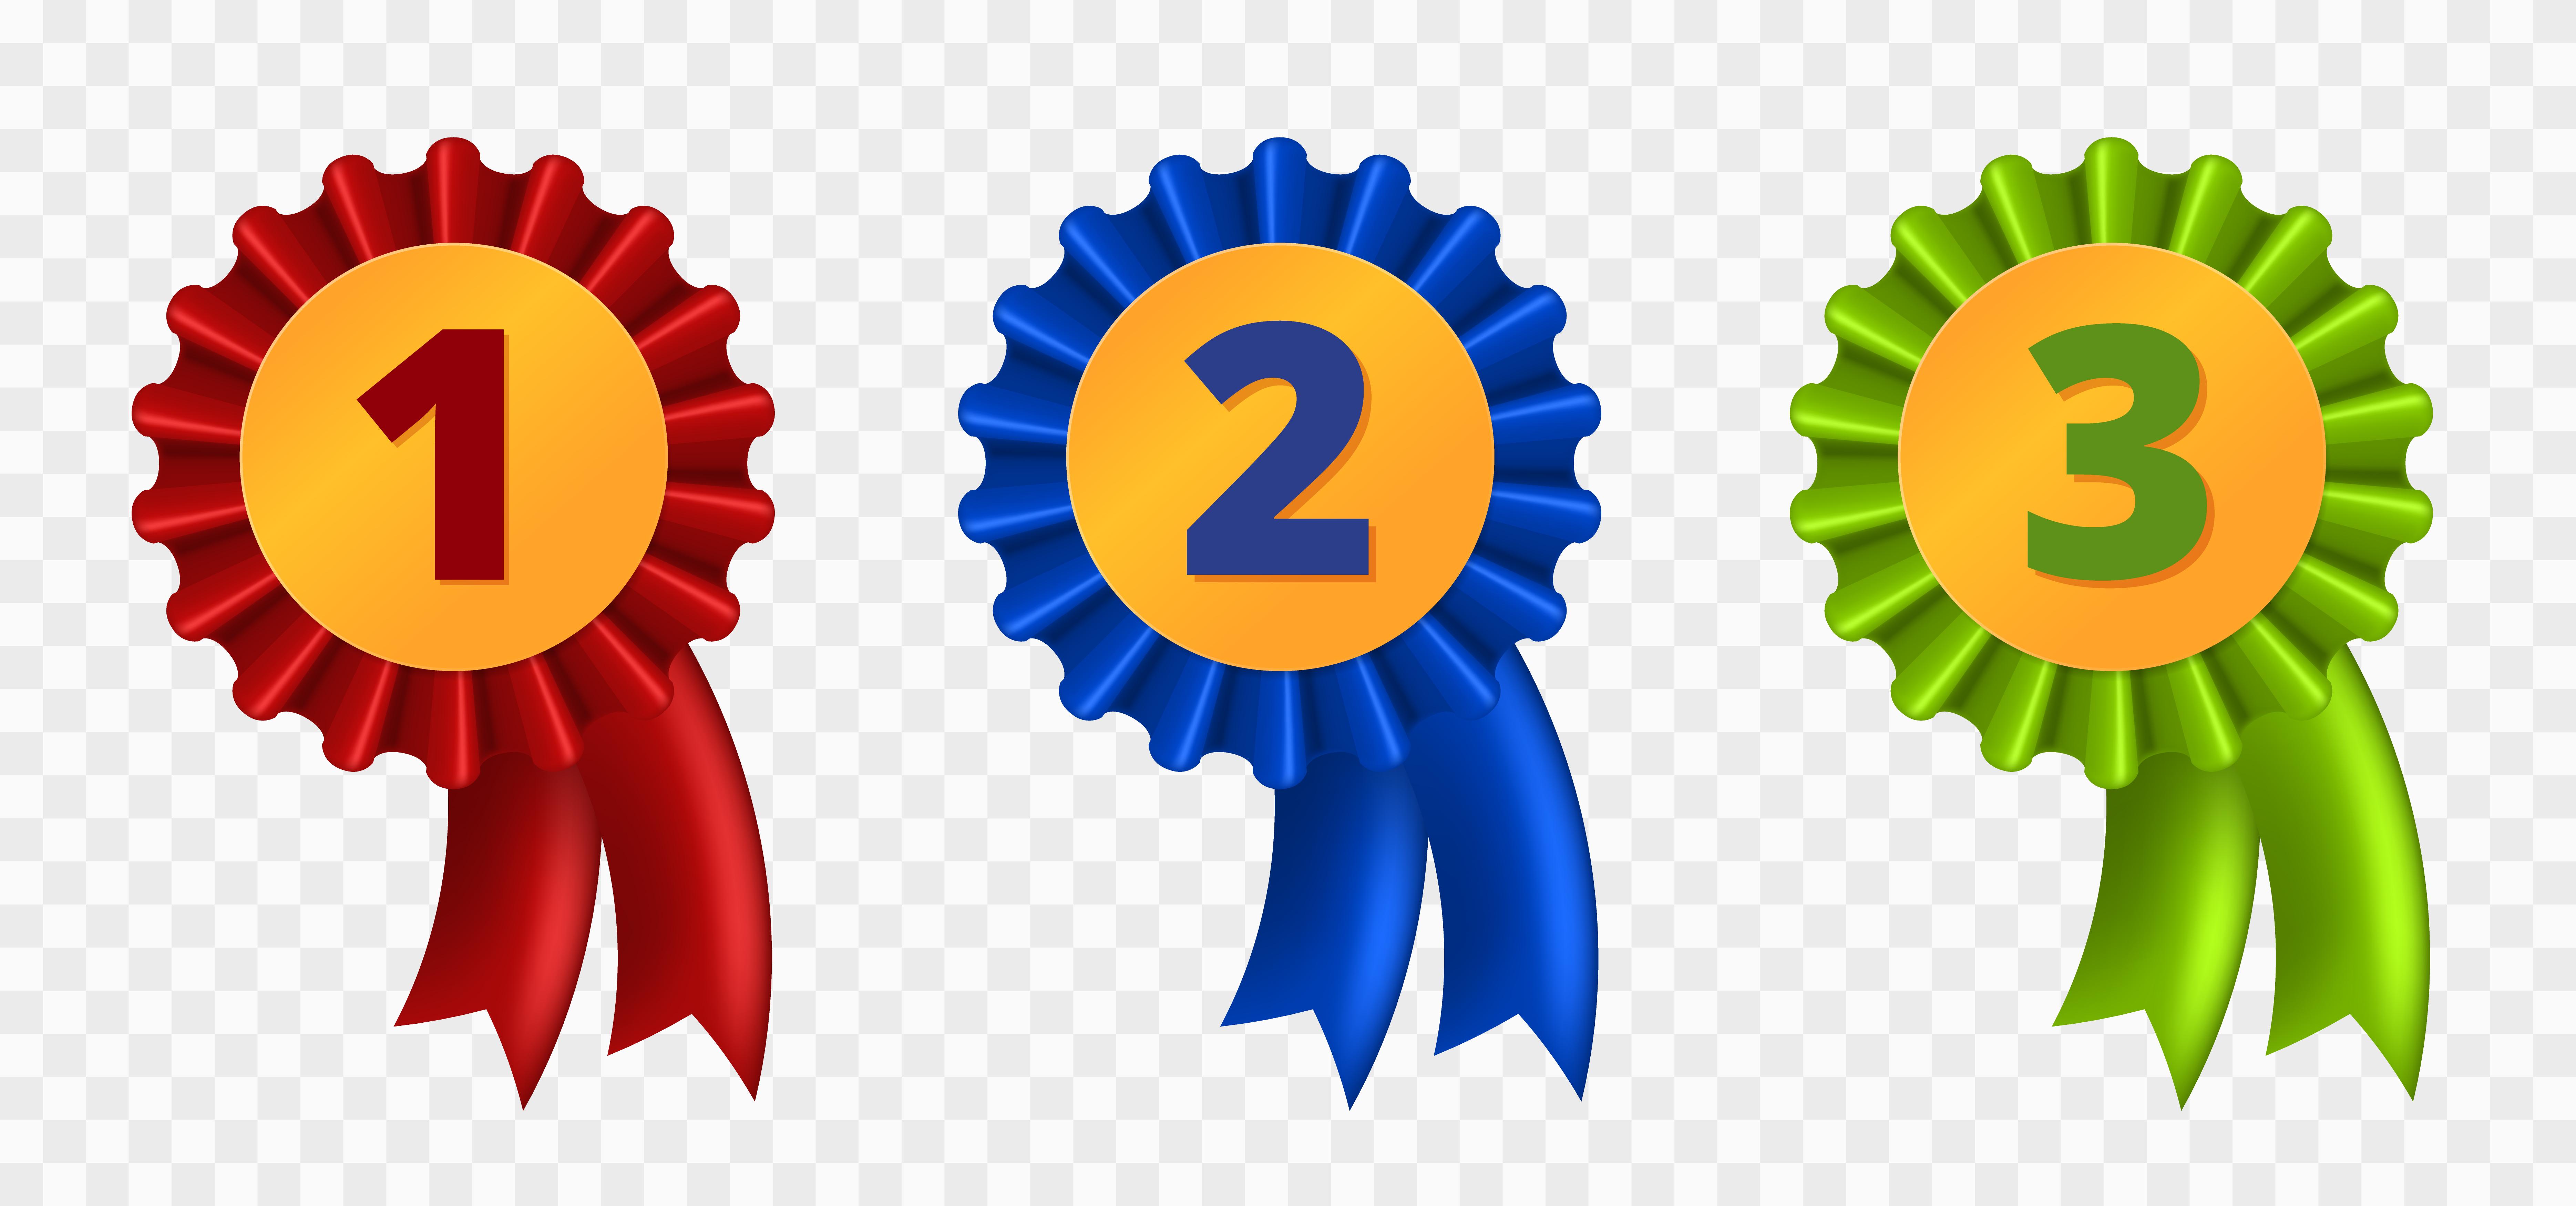 Ribbon Award Three Variants